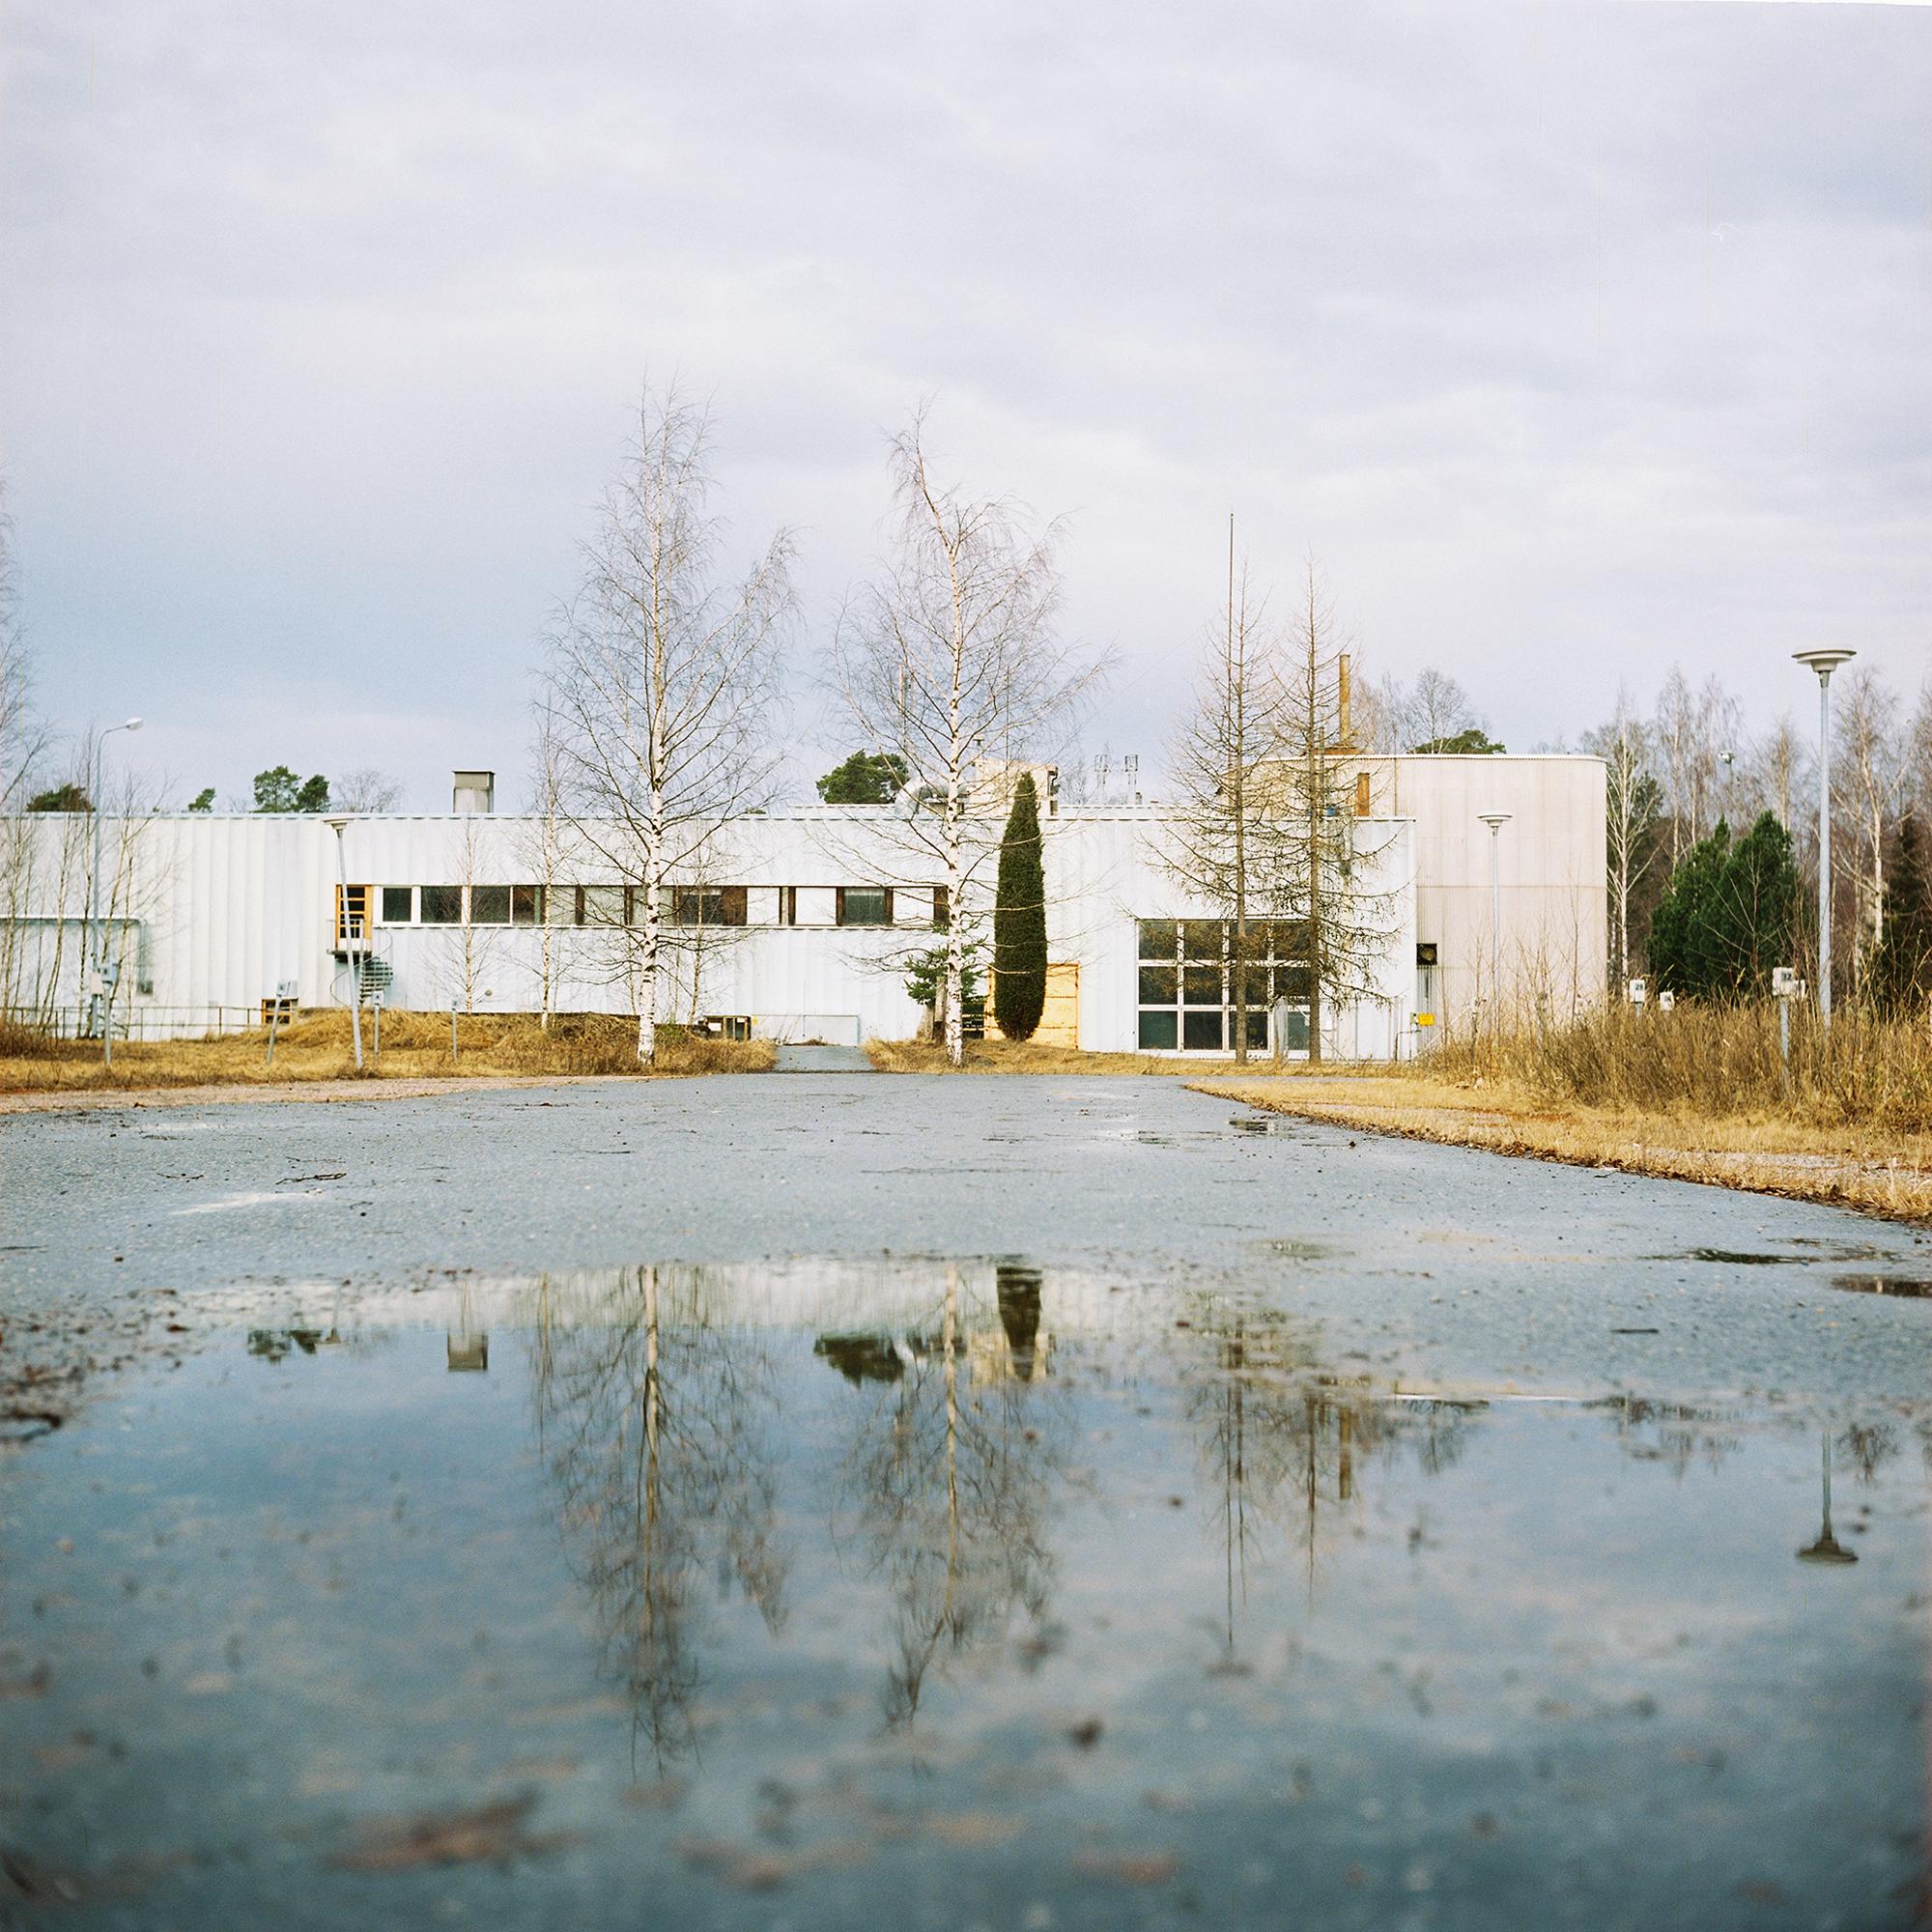 Nuutajärvi